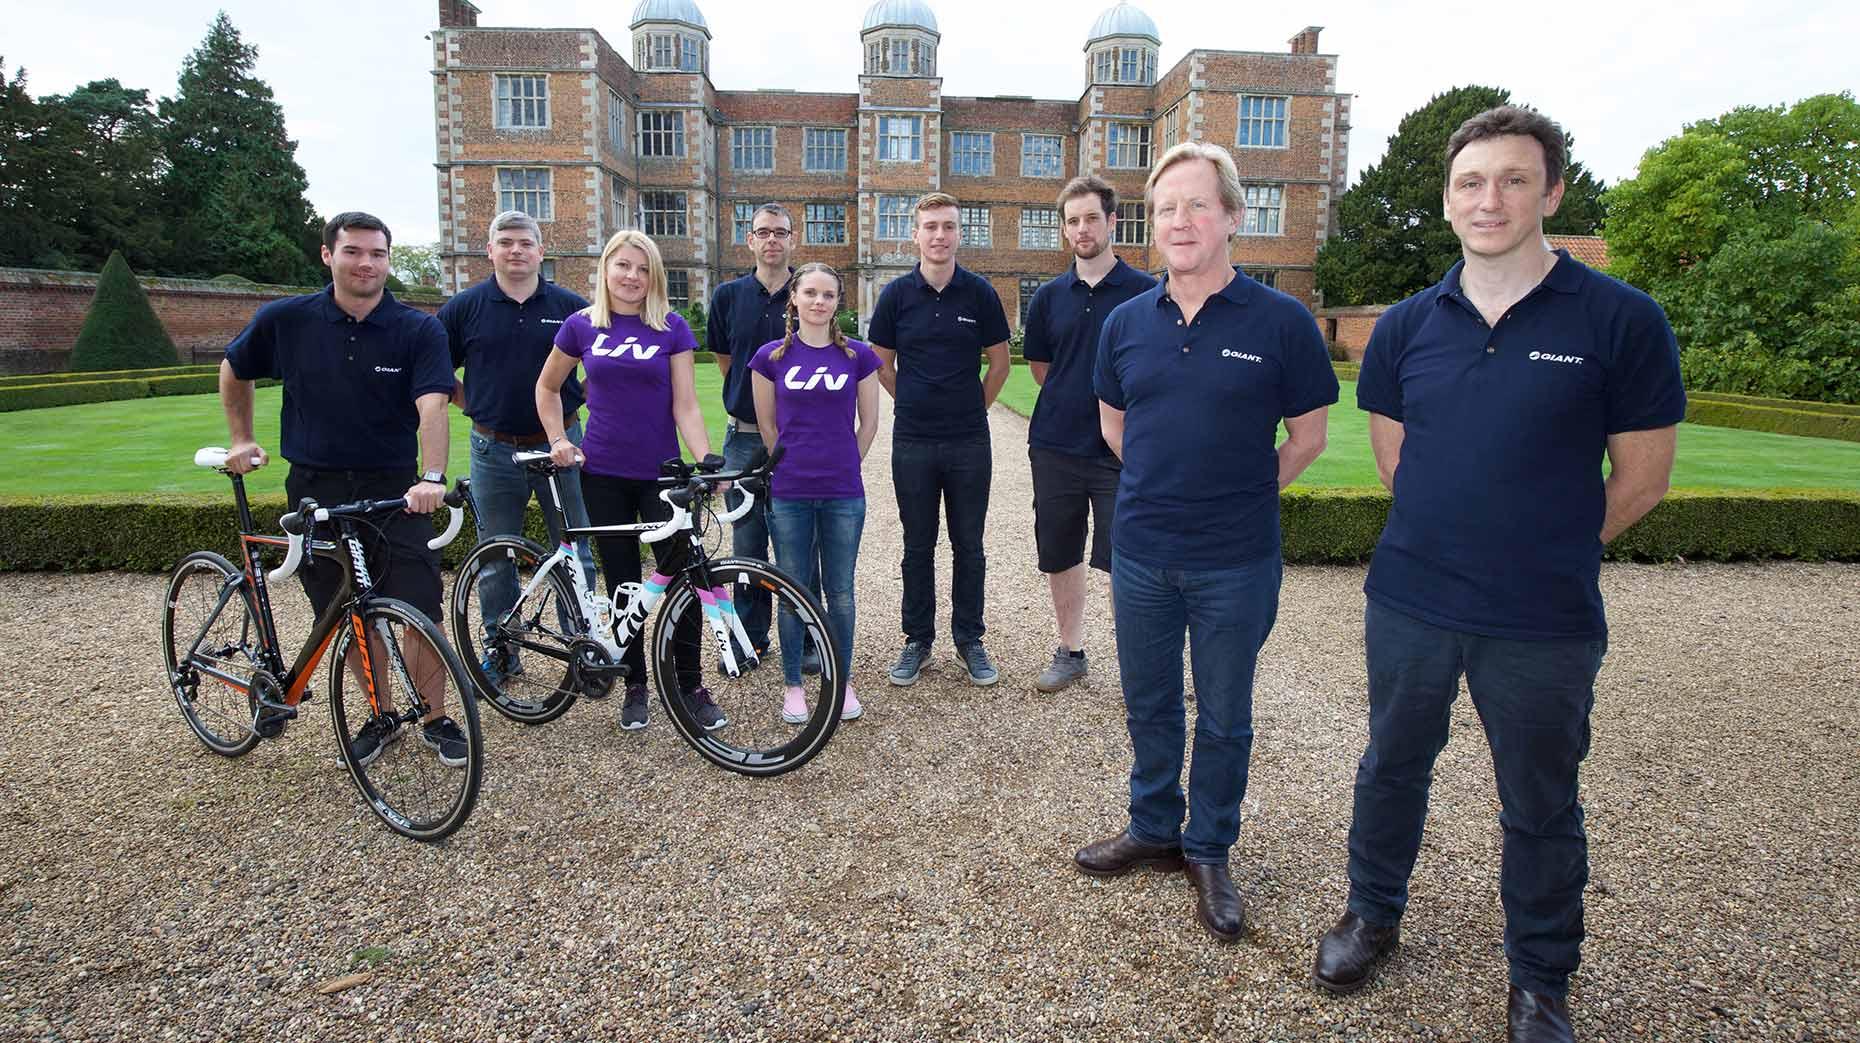 The Giant Lincoln Team at Doddington Hall.